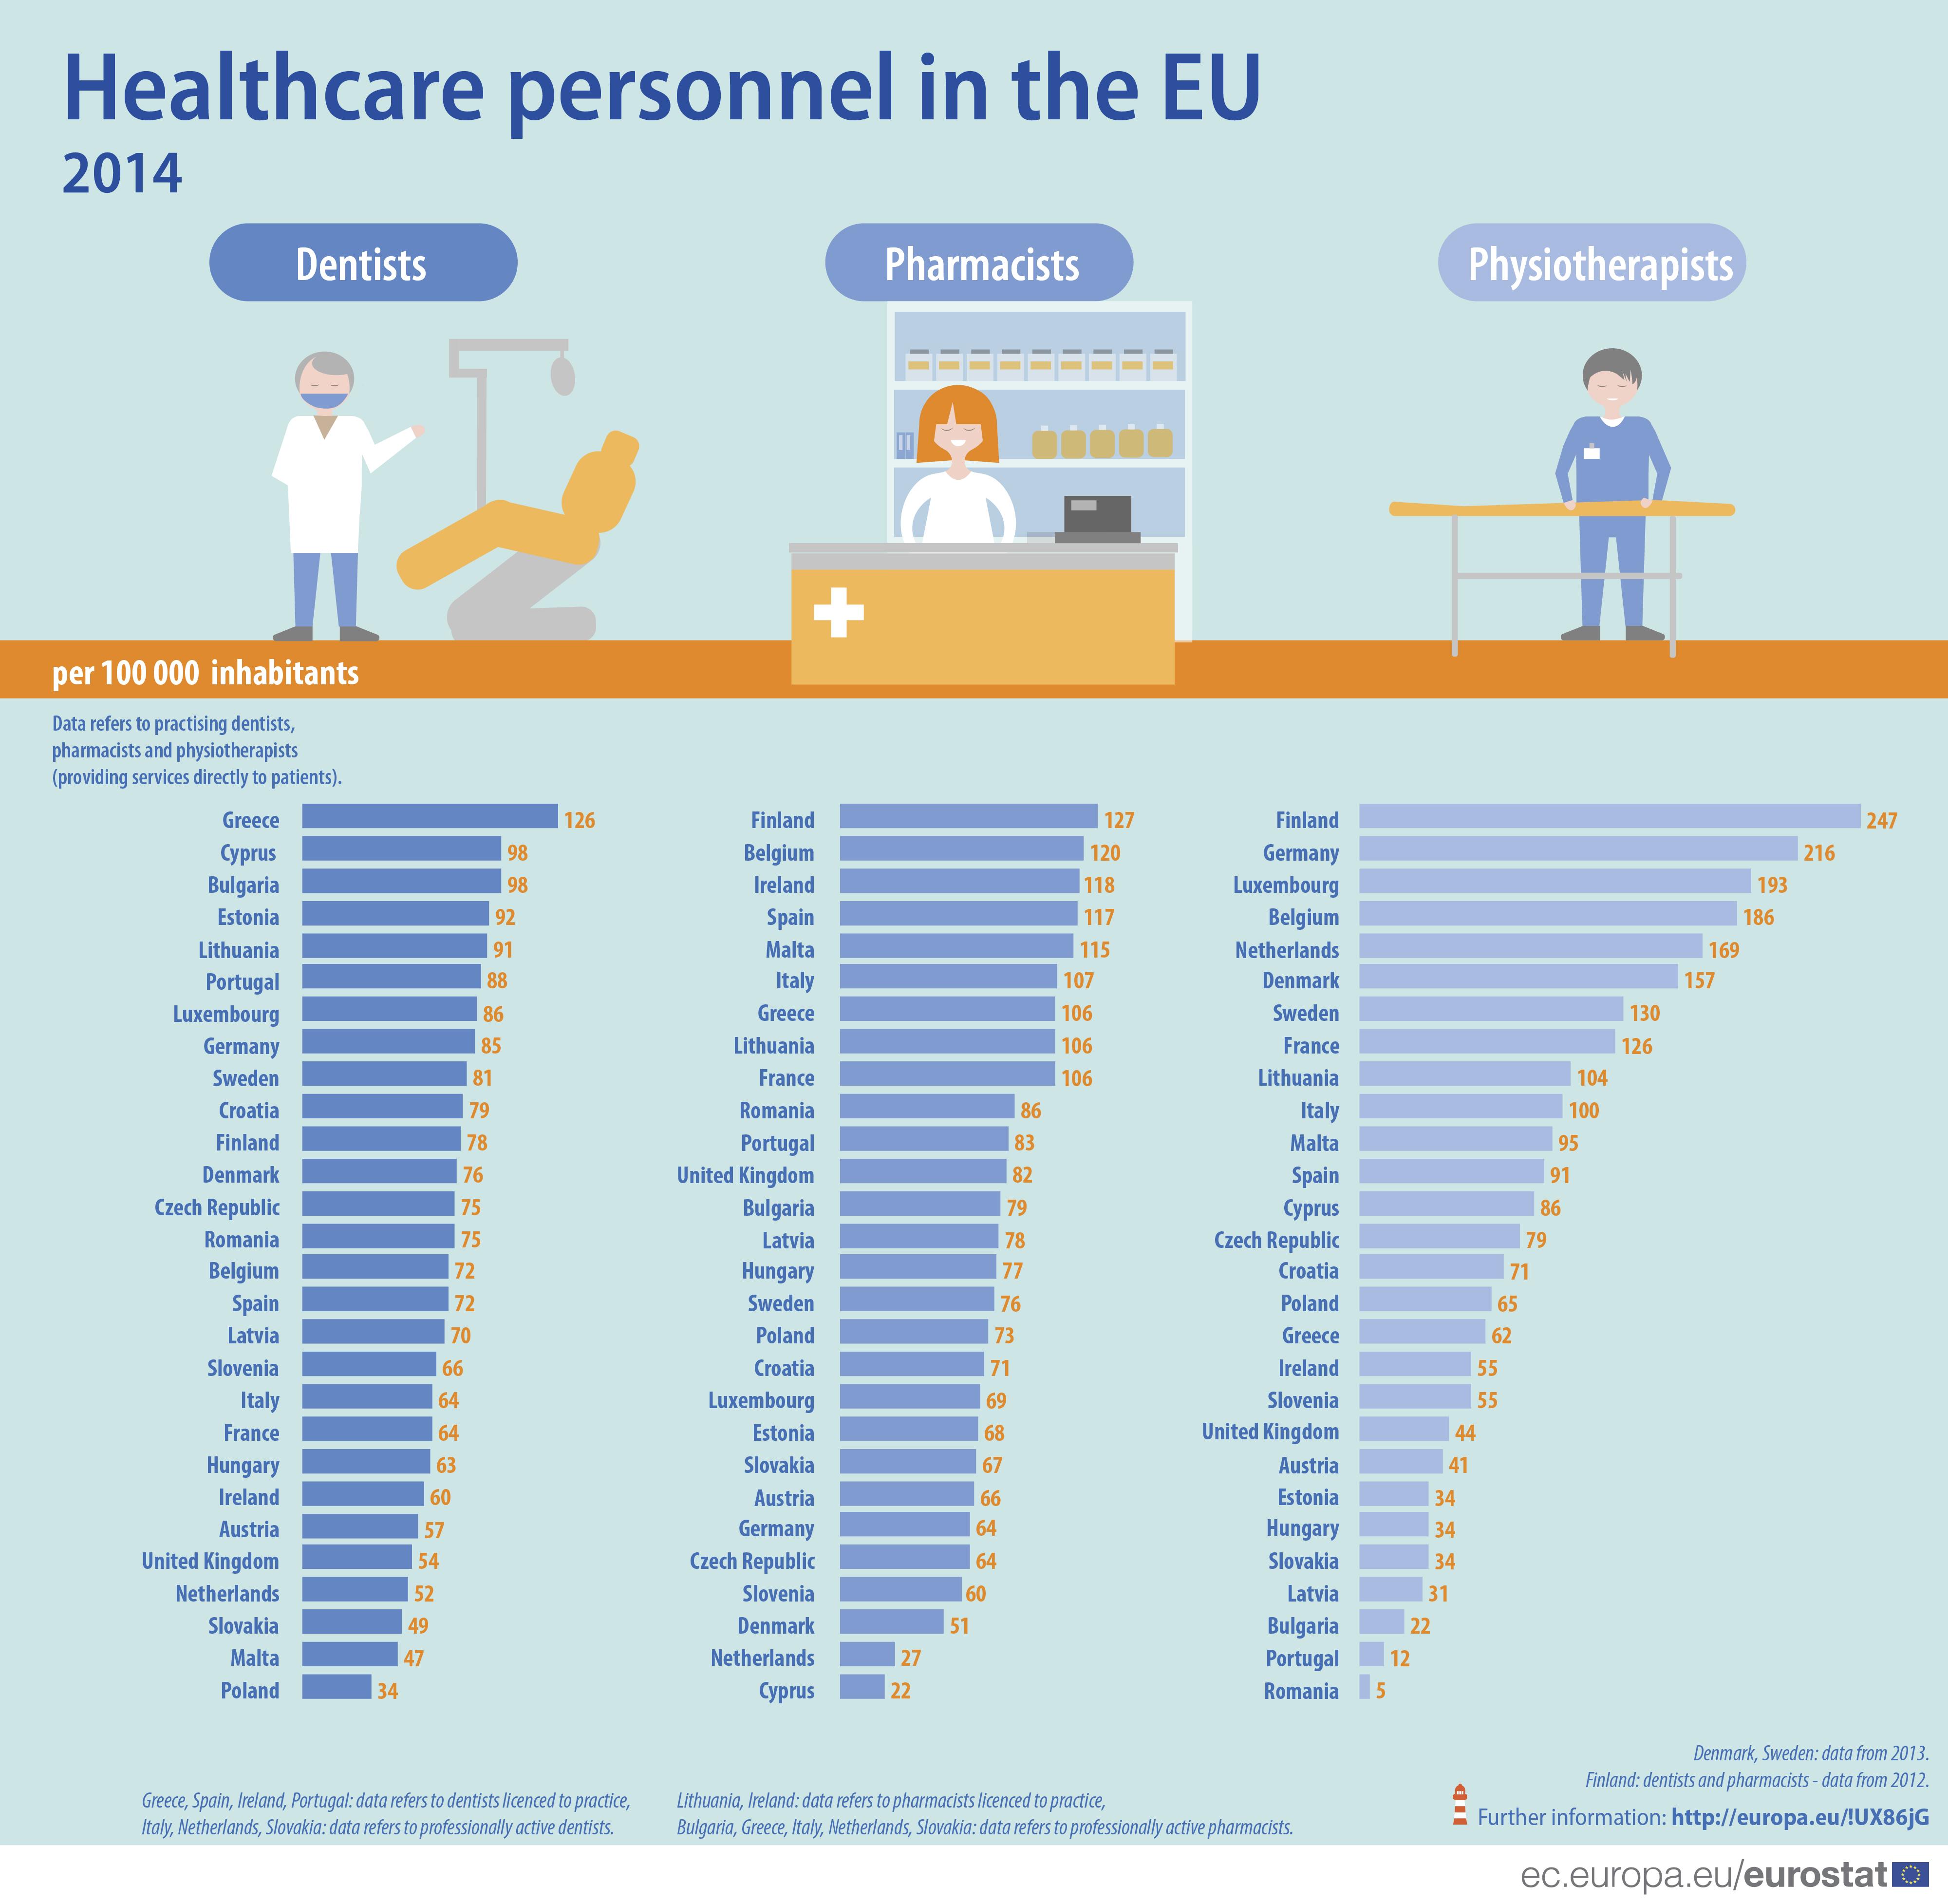 počet lékařů, farmaceutů a fyzioterapeutů na 100 tis. obyvatel v zemích EU